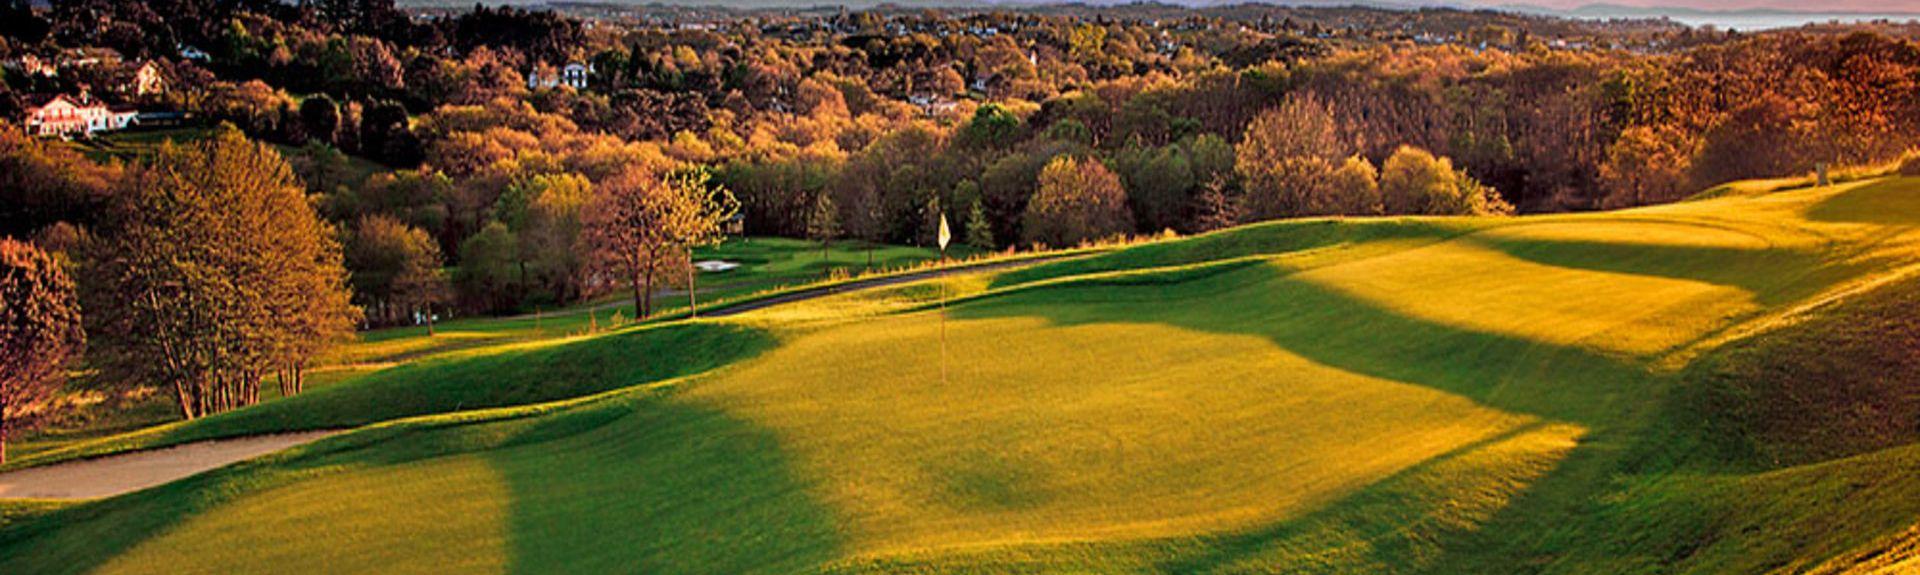 Golf d'Hossegor, Soorts-Hossegor, Landes (dipartimento), Francia